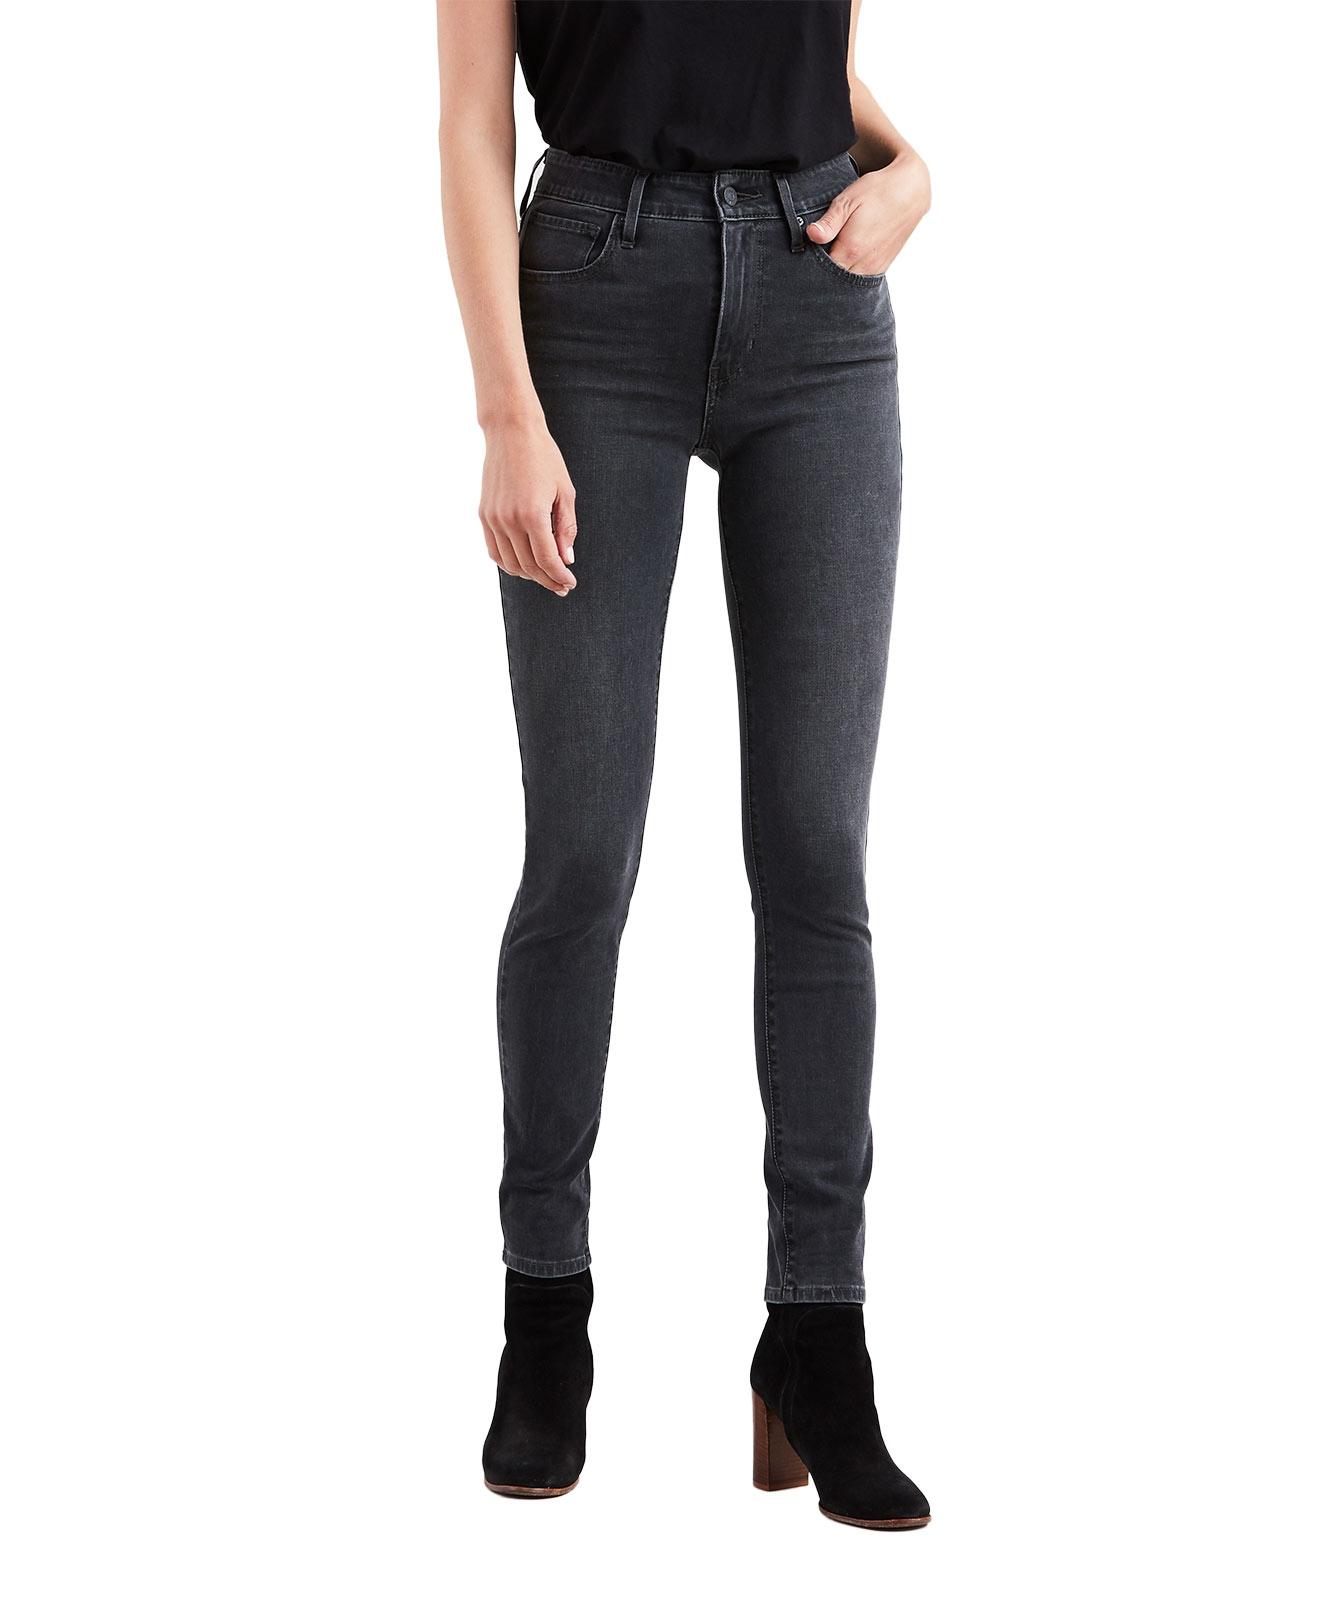 Hosen für Frauen - Levis 721 High Rise Skinny Jeans in dunkler Waschung  - Onlineshop Jeans Meile